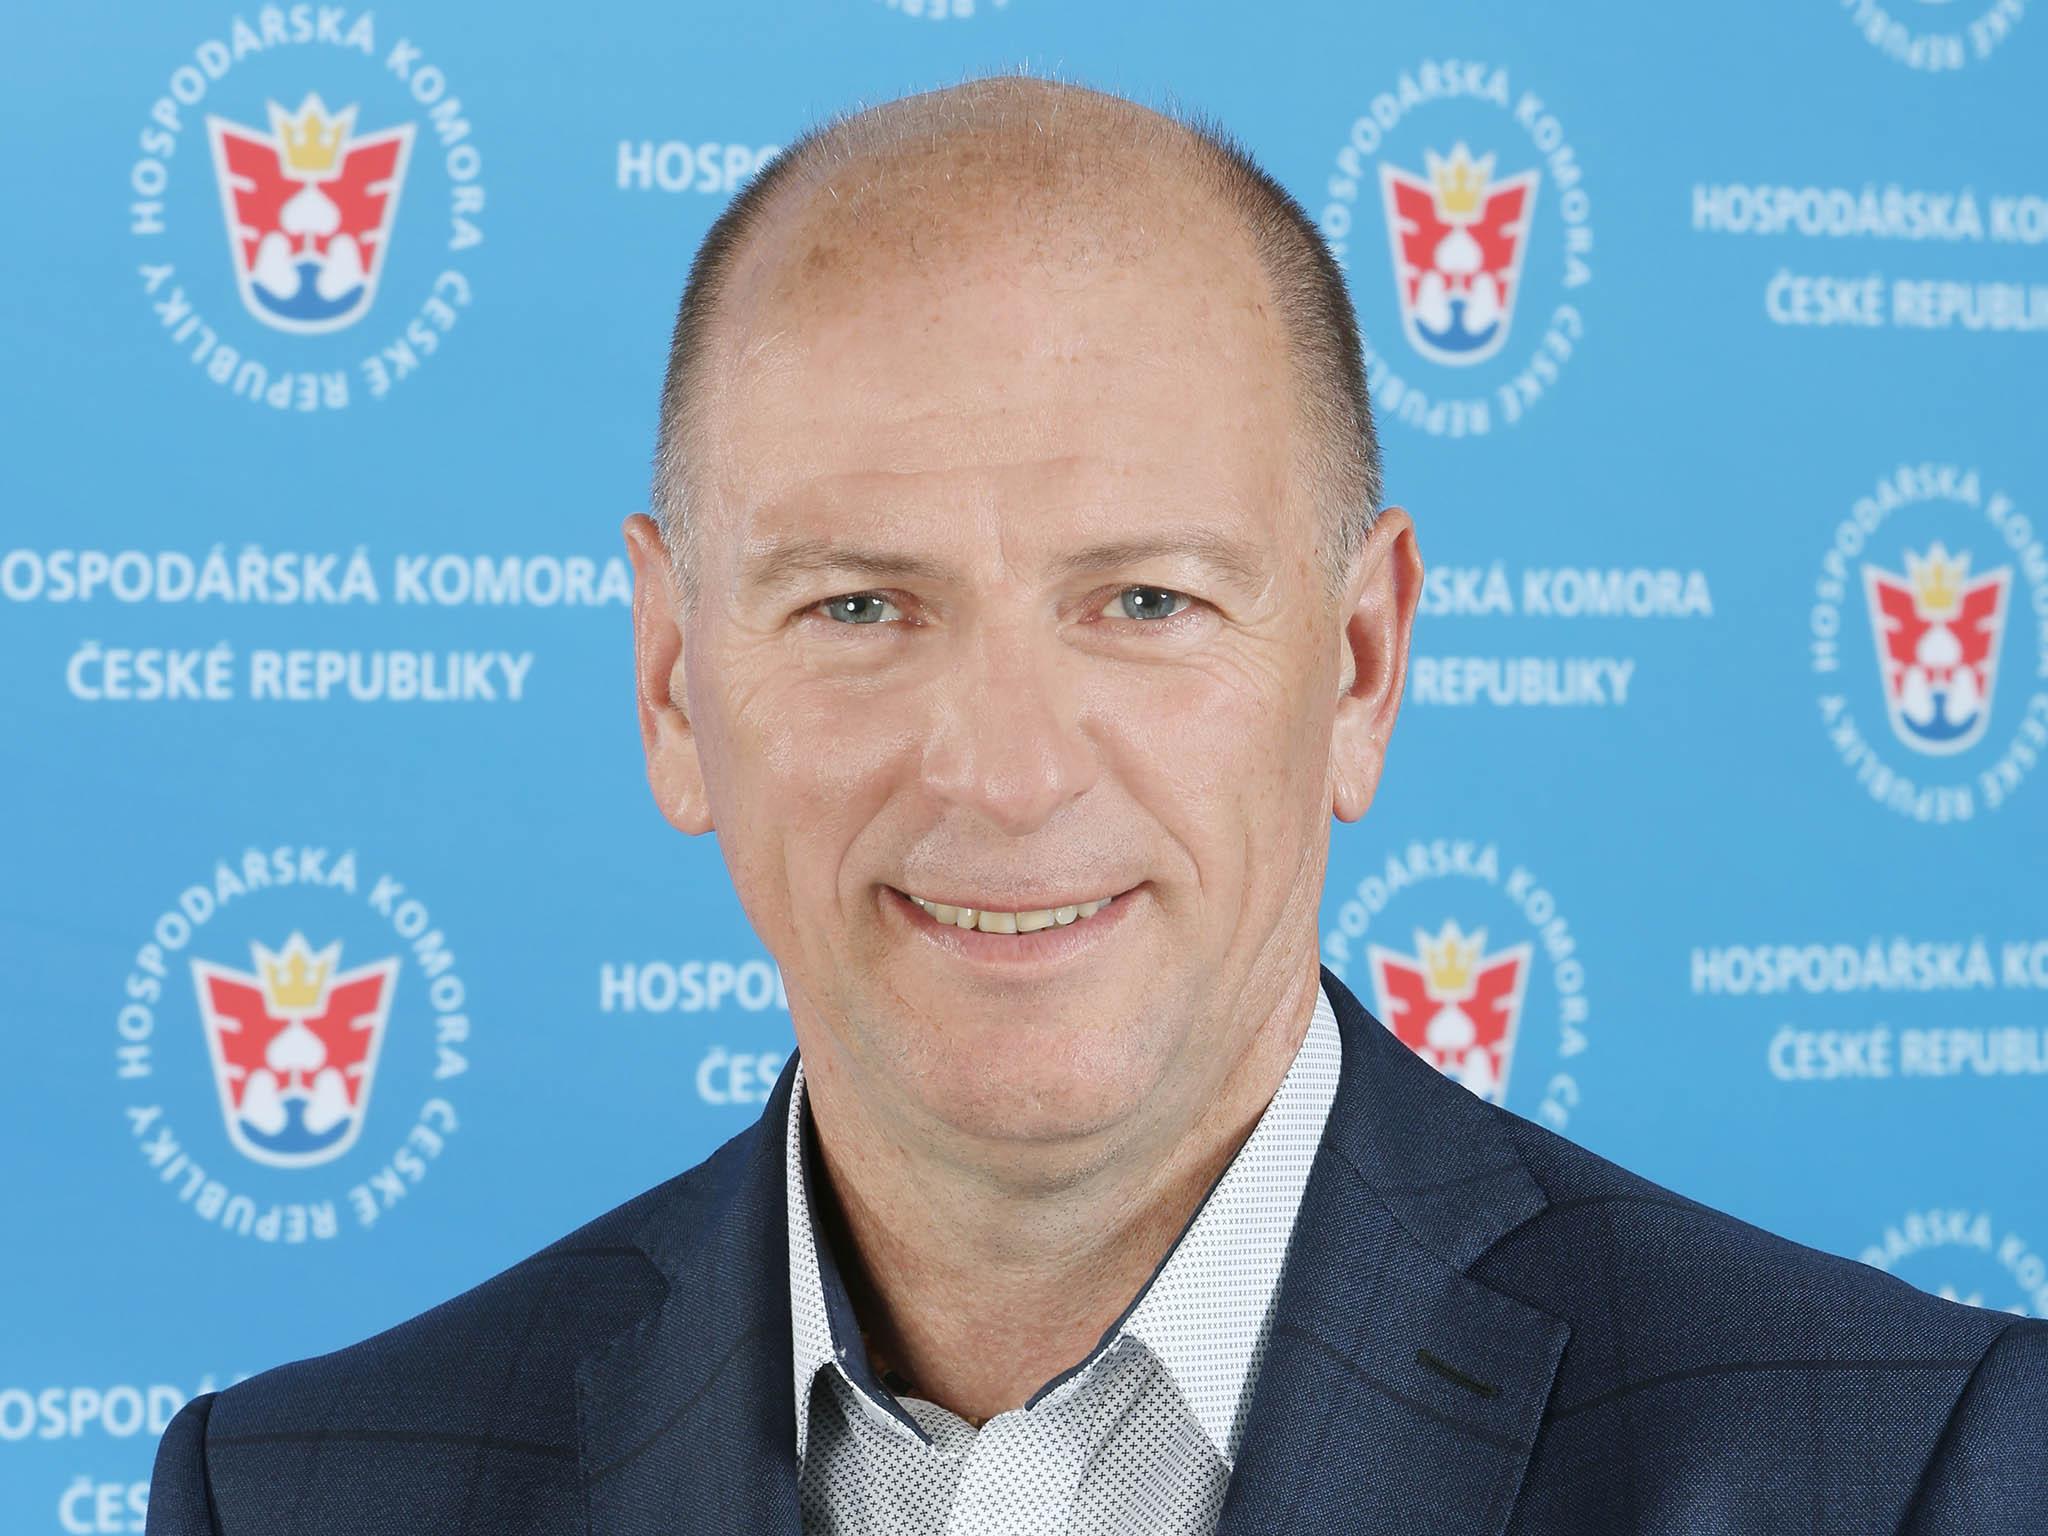 Roman Pommer, viceprezident Hospodářské komory